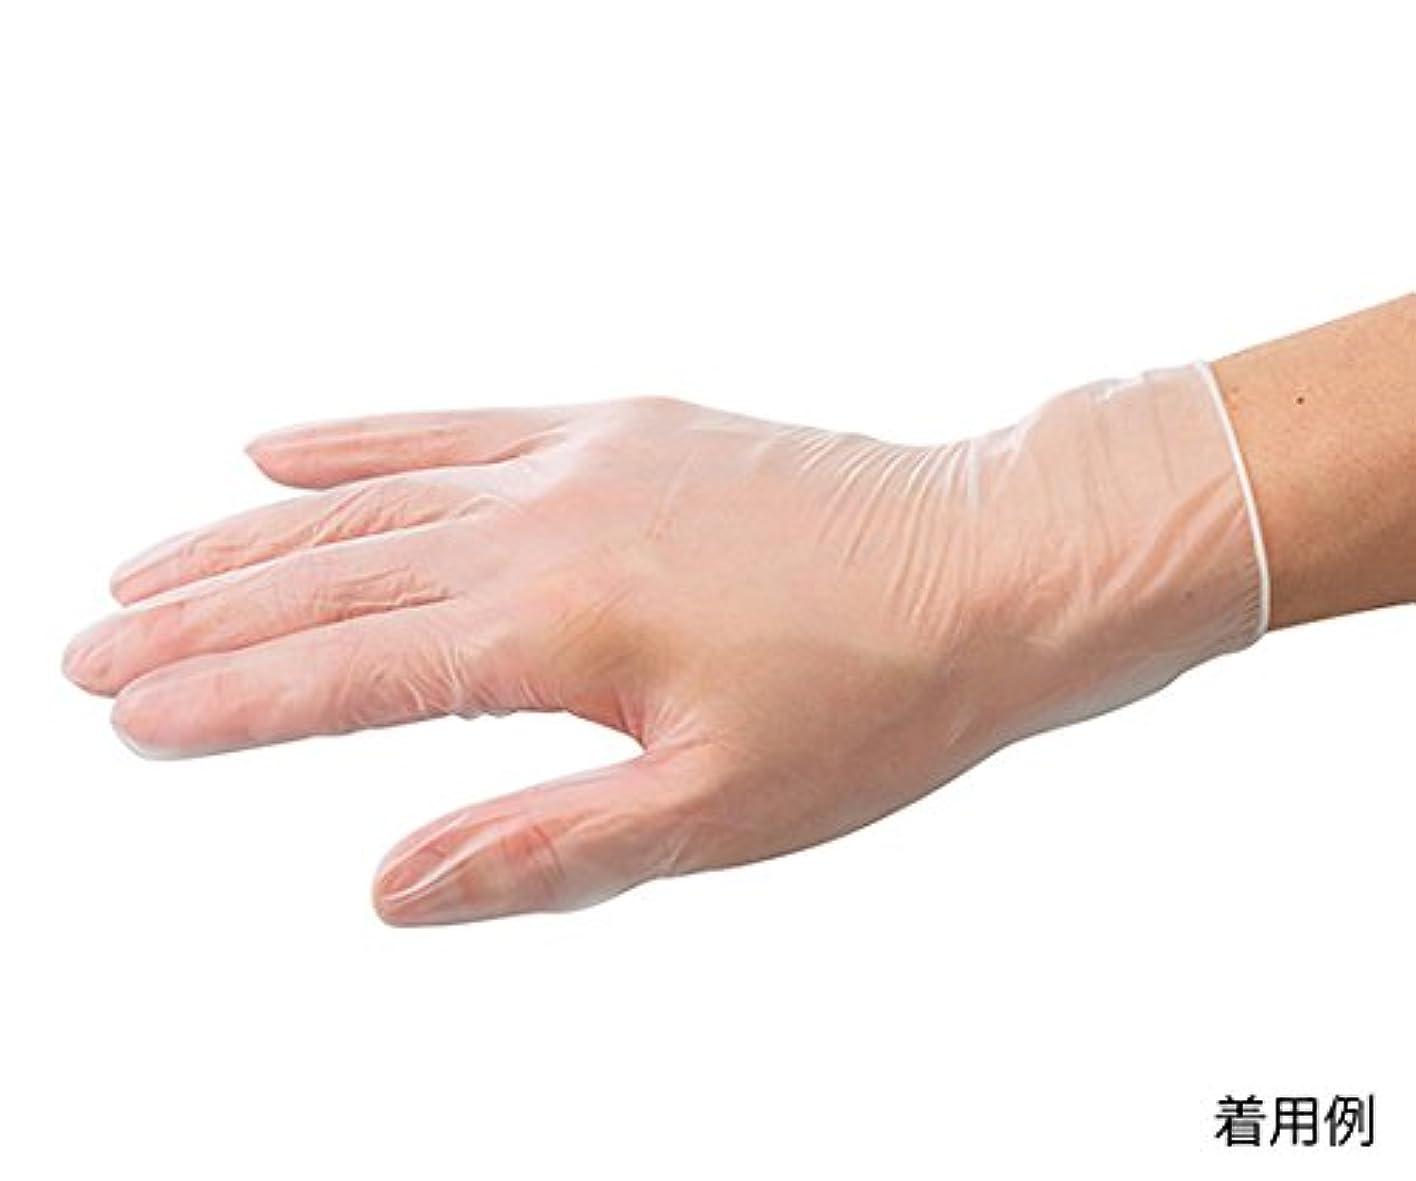 ピービッシュそれによってを必要としていますARメディコム?インク?アジアリミテッド7-3726-01バイタルプラスチック手袋(パウダーフリー)S150枚入